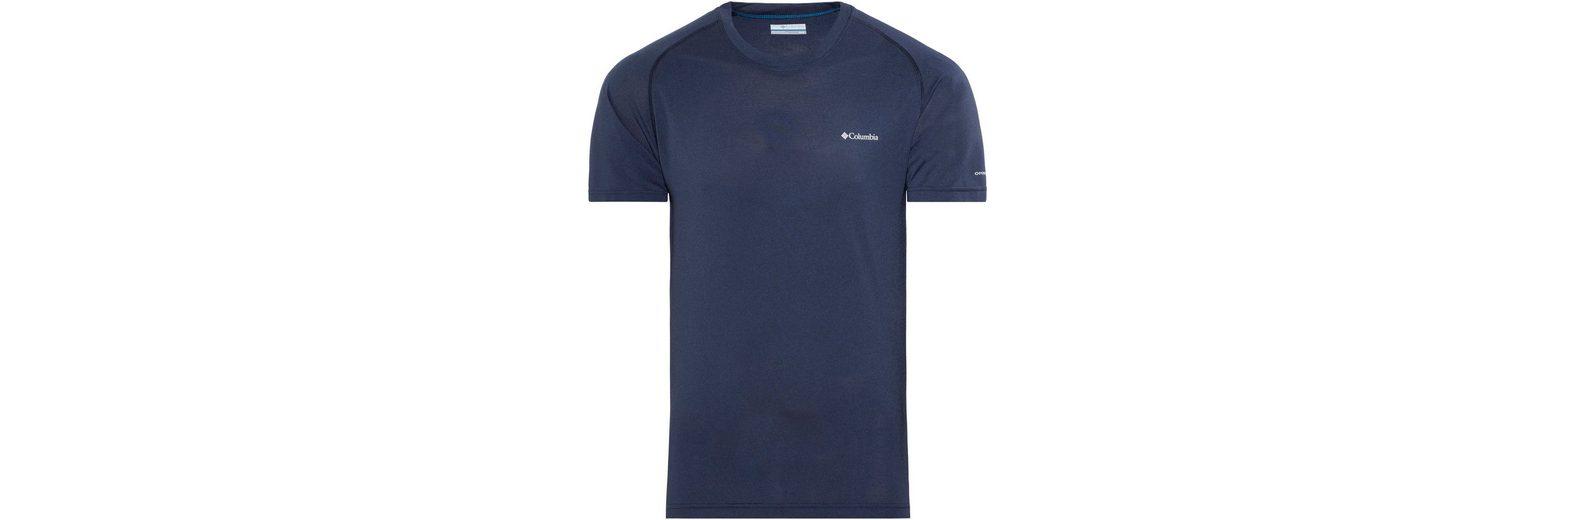 Columbia T-Shirt Mountain Tech III Short Sleeve Crew Men Qualität Freies Verschiffen w9Zd5UcQ8W